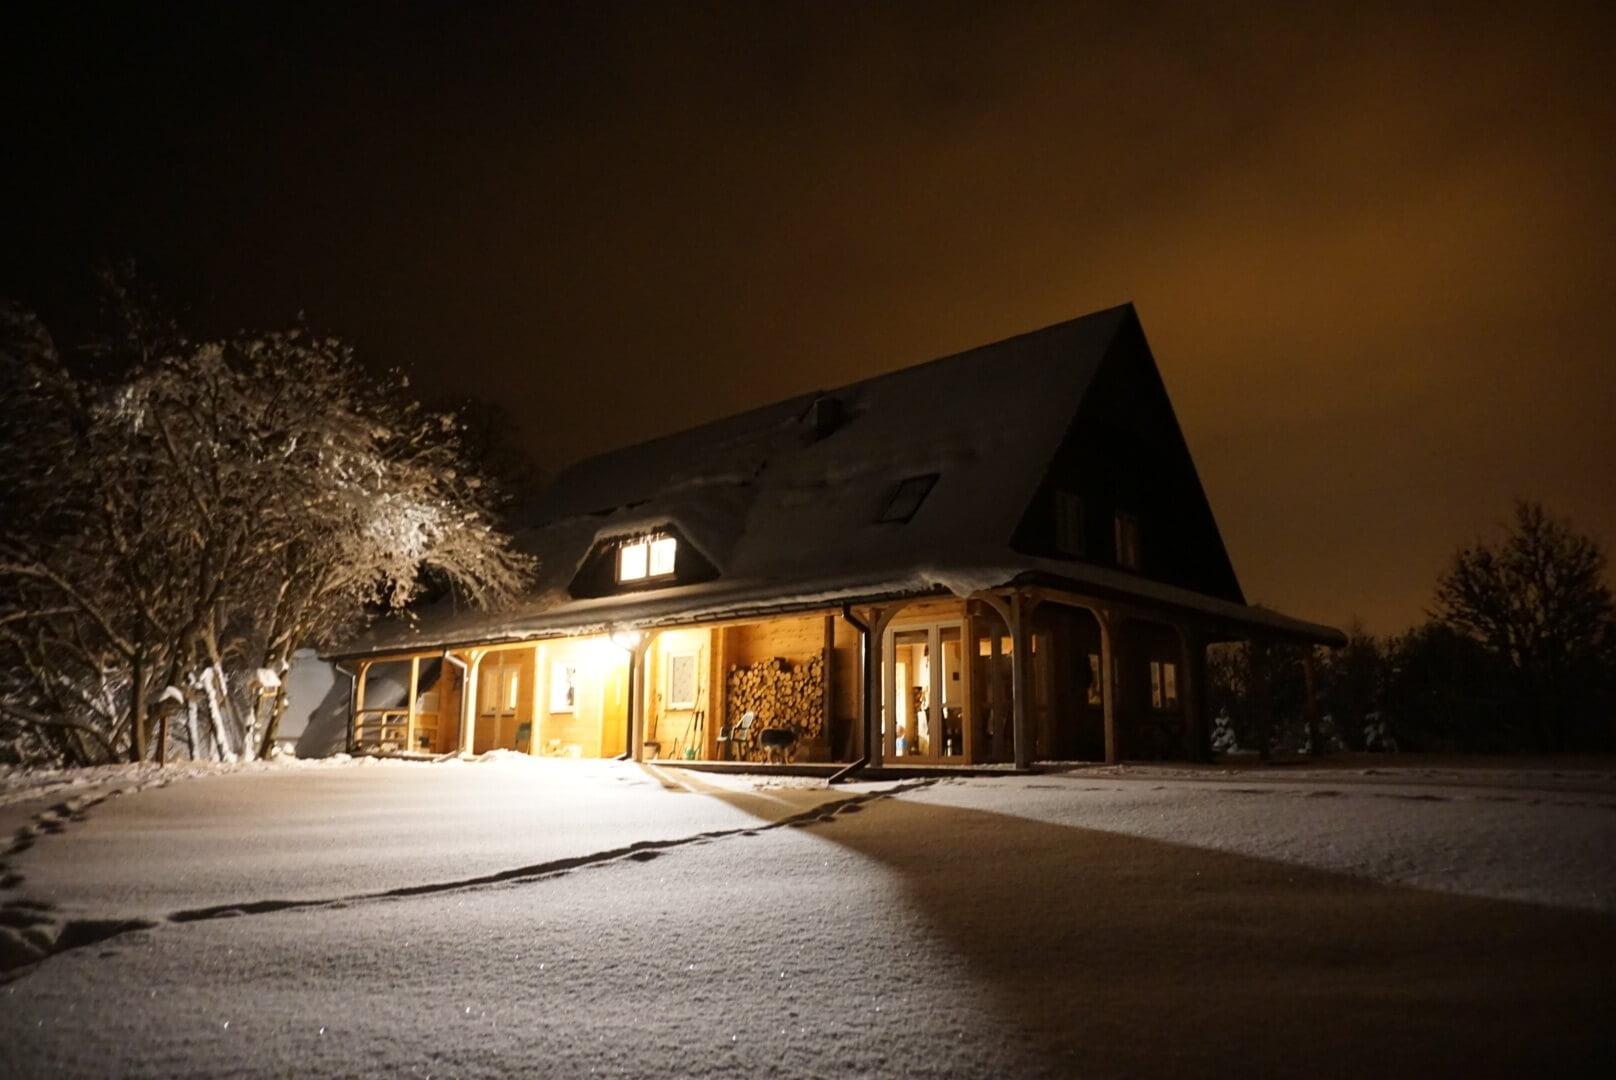 Nocne, zimowe niebo wfotografii Adama 1